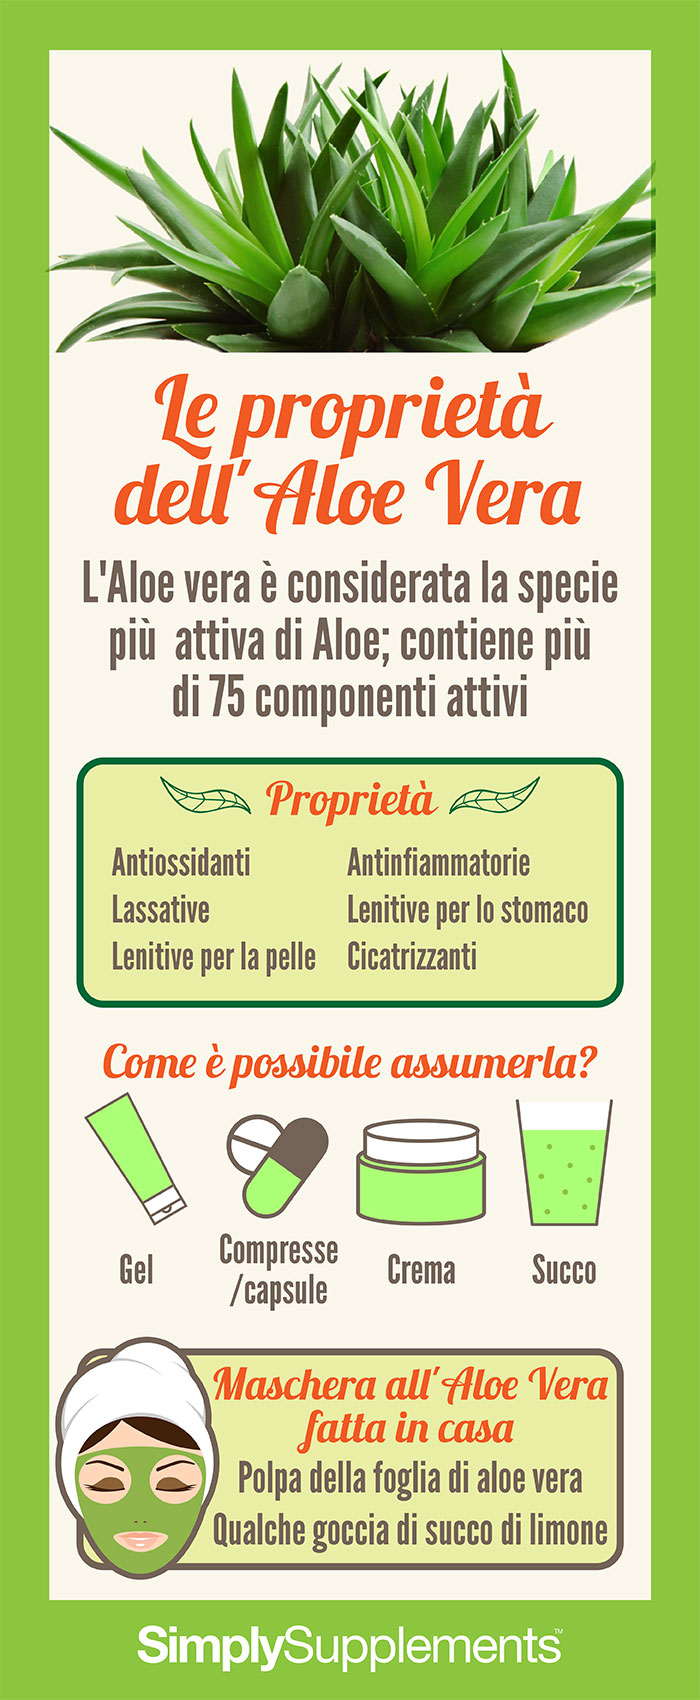 infographic-le-propriet-dell-aloe-vera